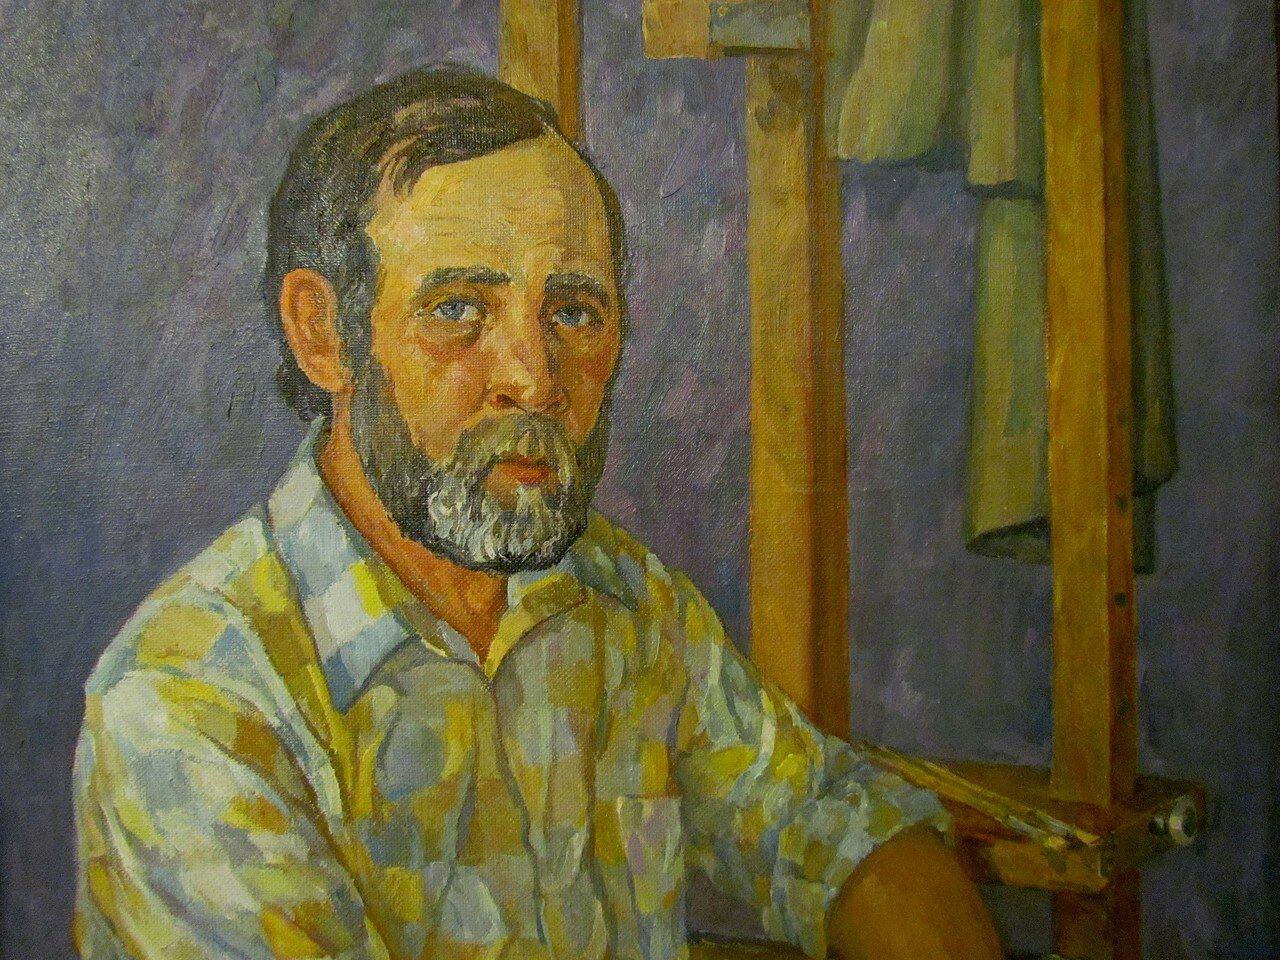 в.аксенов.портрет художника анатолия.jpg